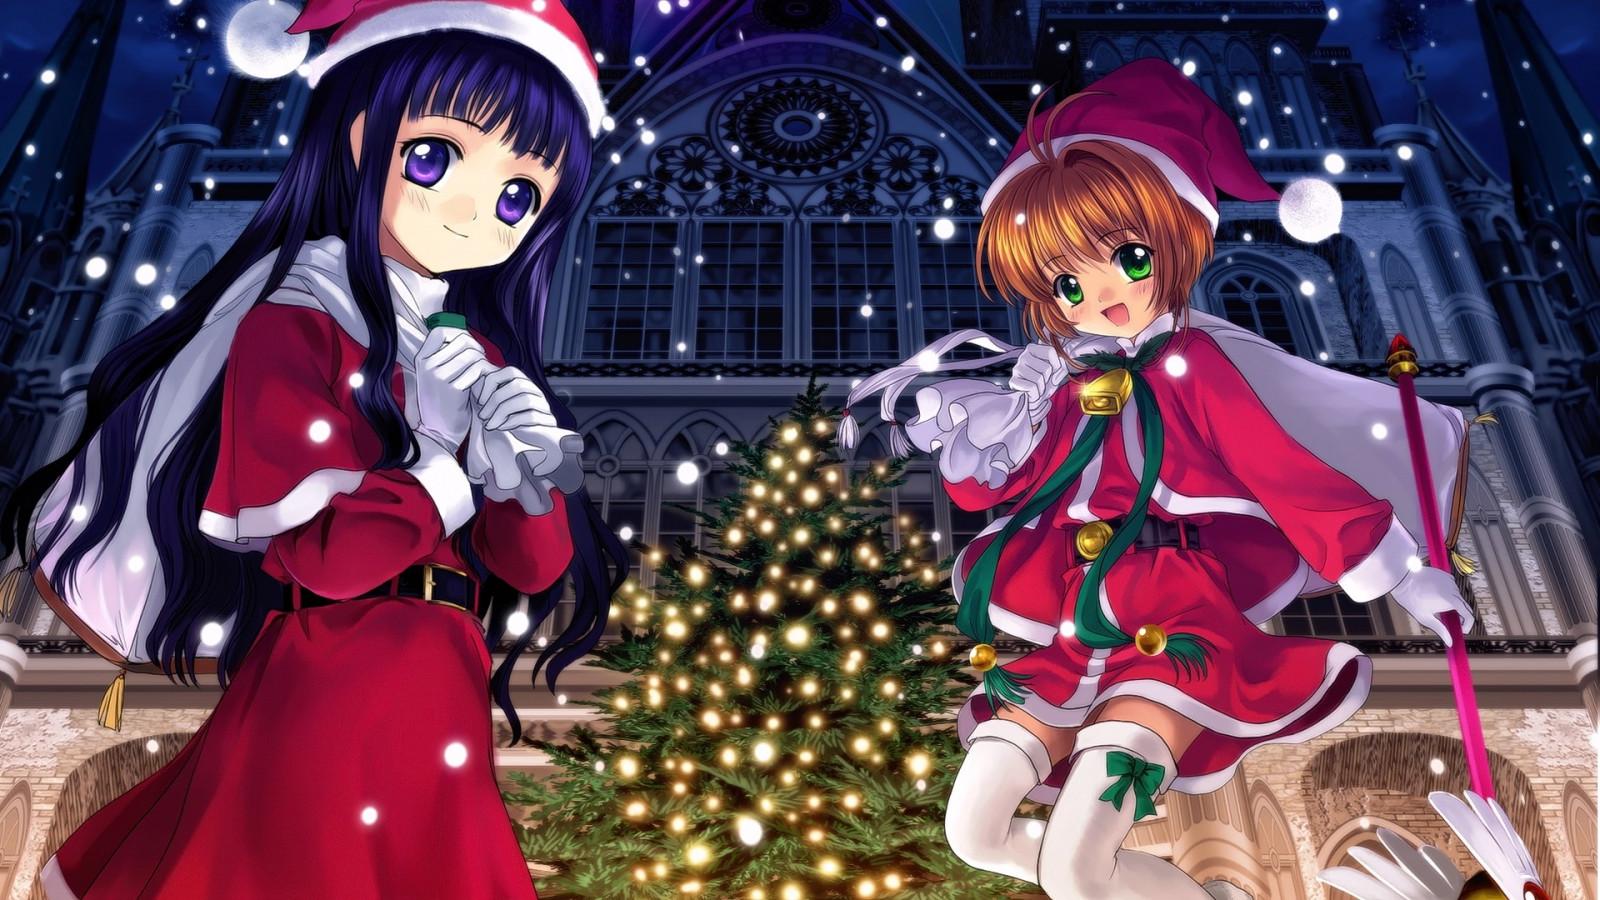 hintergrundbilder anime m dchen weihnachten spielzeug. Black Bedroom Furniture Sets. Home Design Ideas